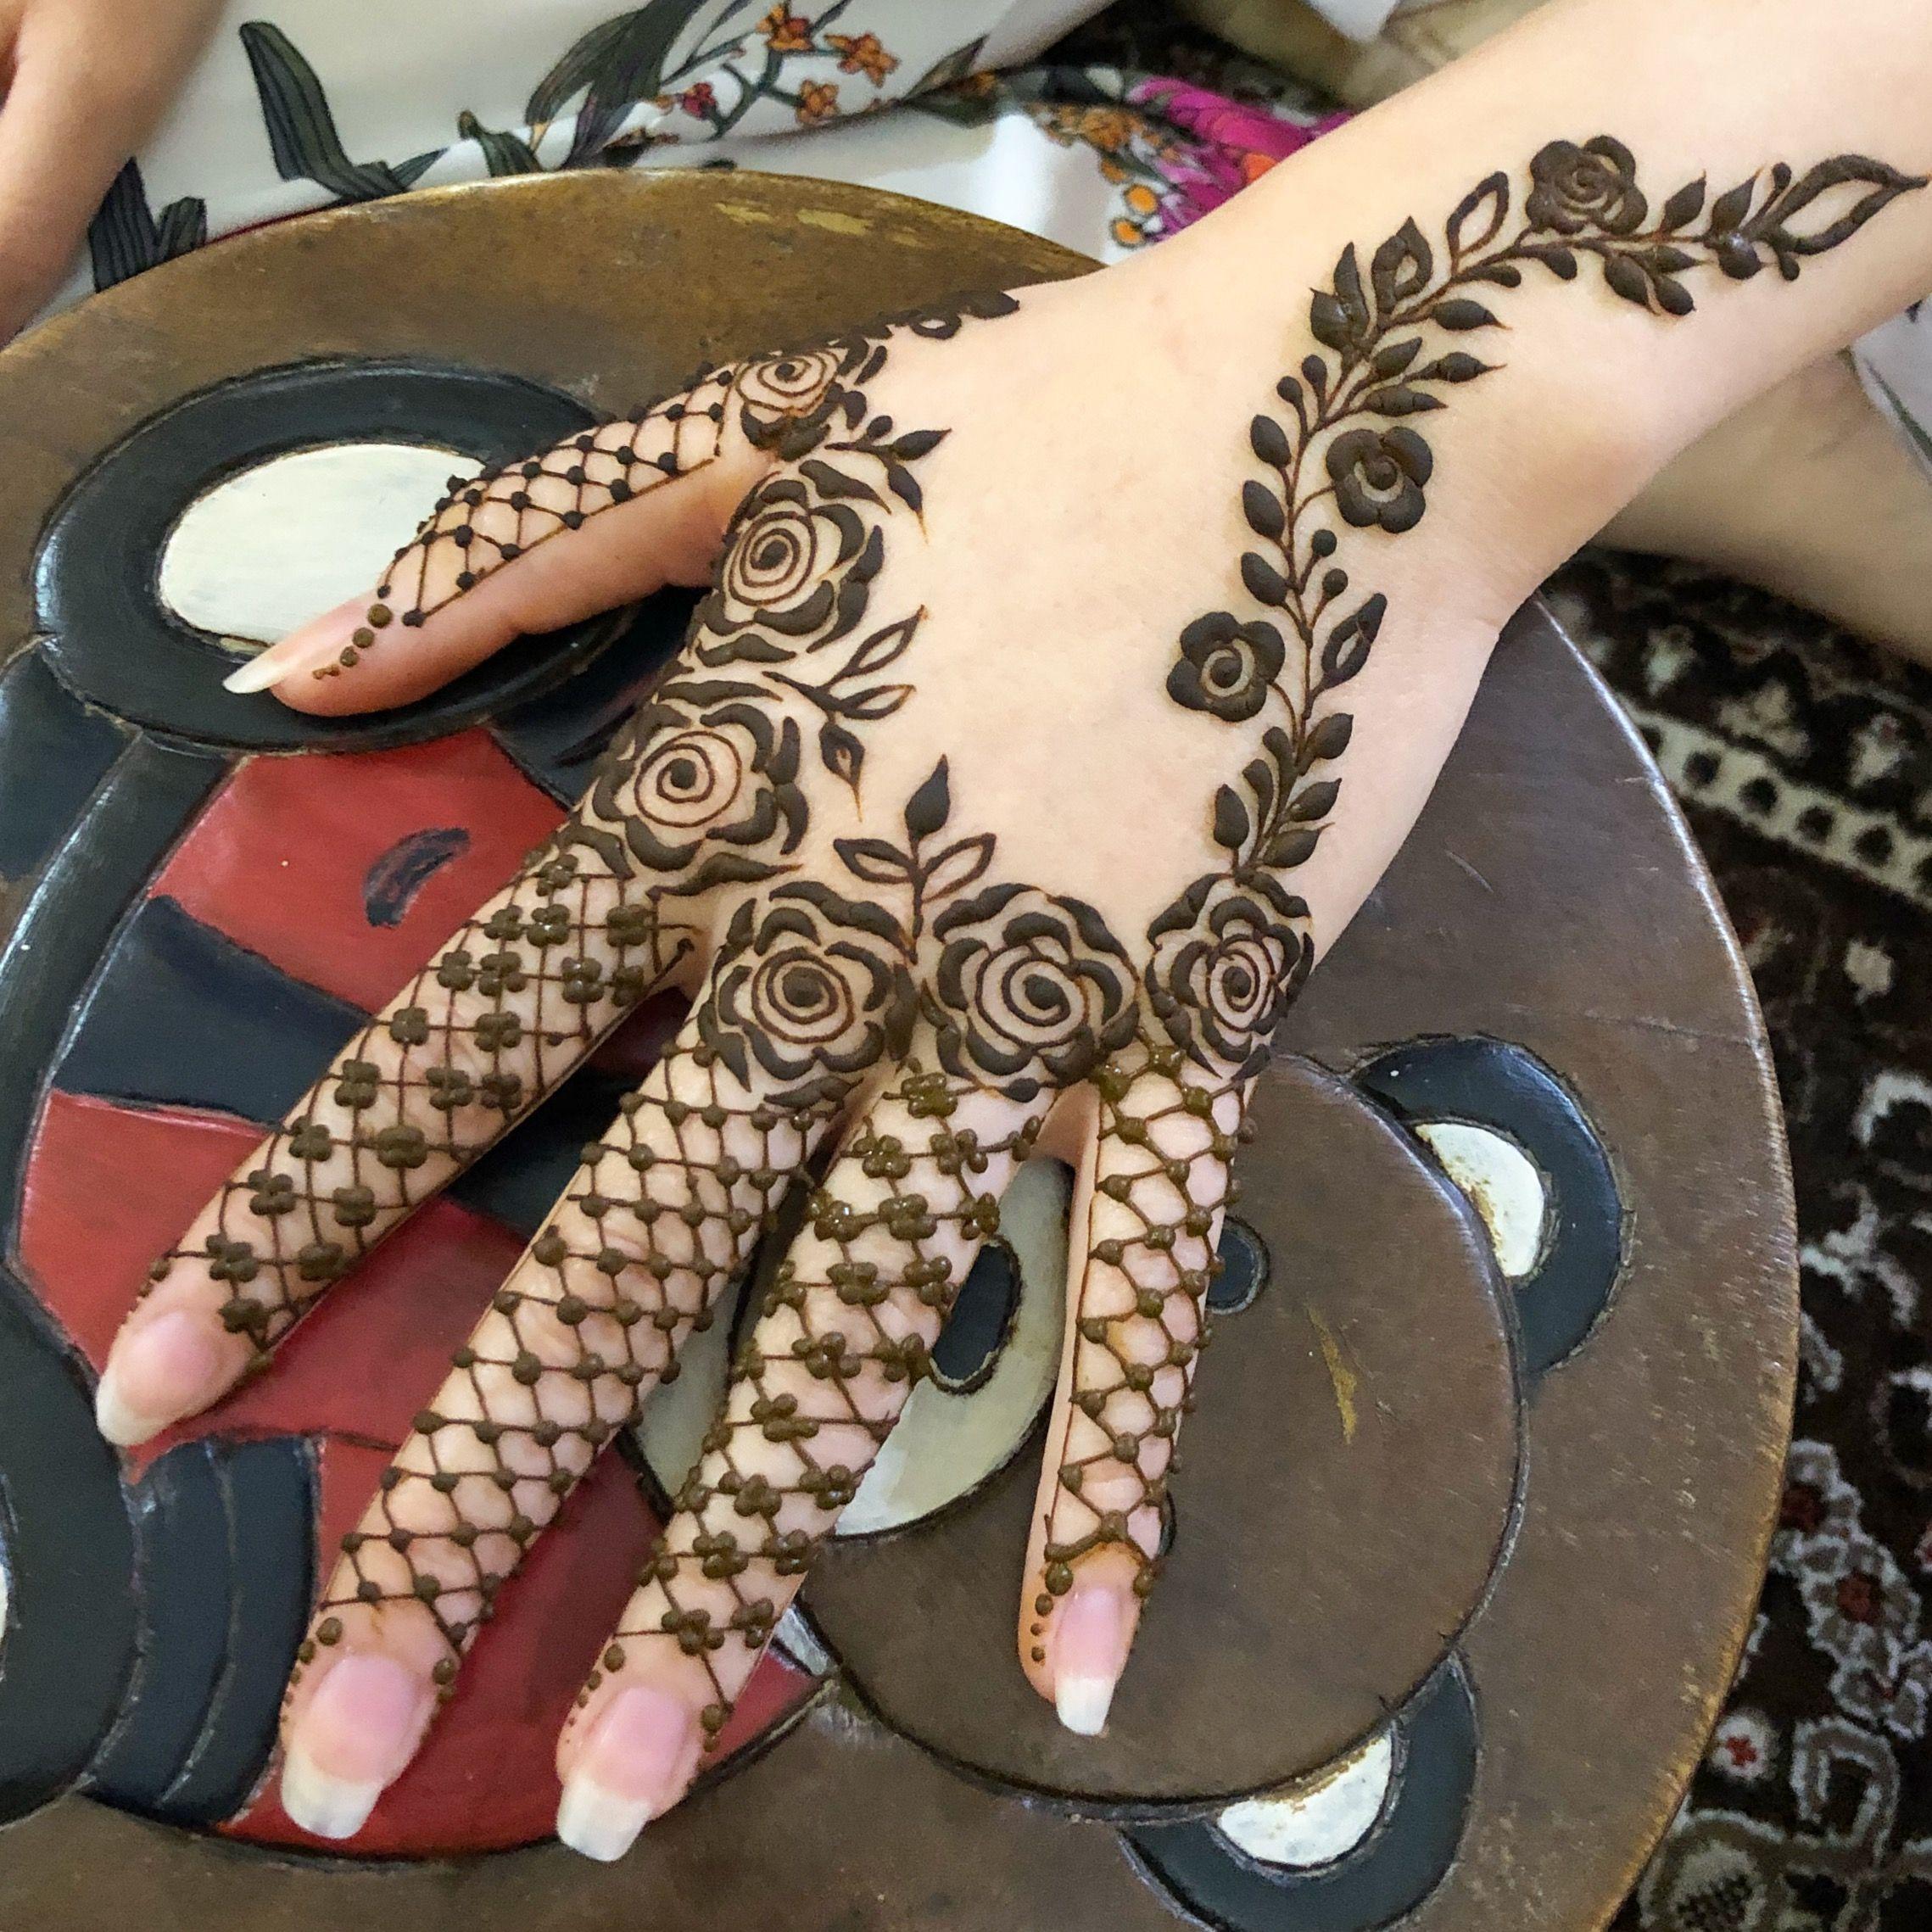 13 Unique Henna Designs Doing The Rounds This Wessing: #hennabymiraalwi Design By Henna_nurahshenna